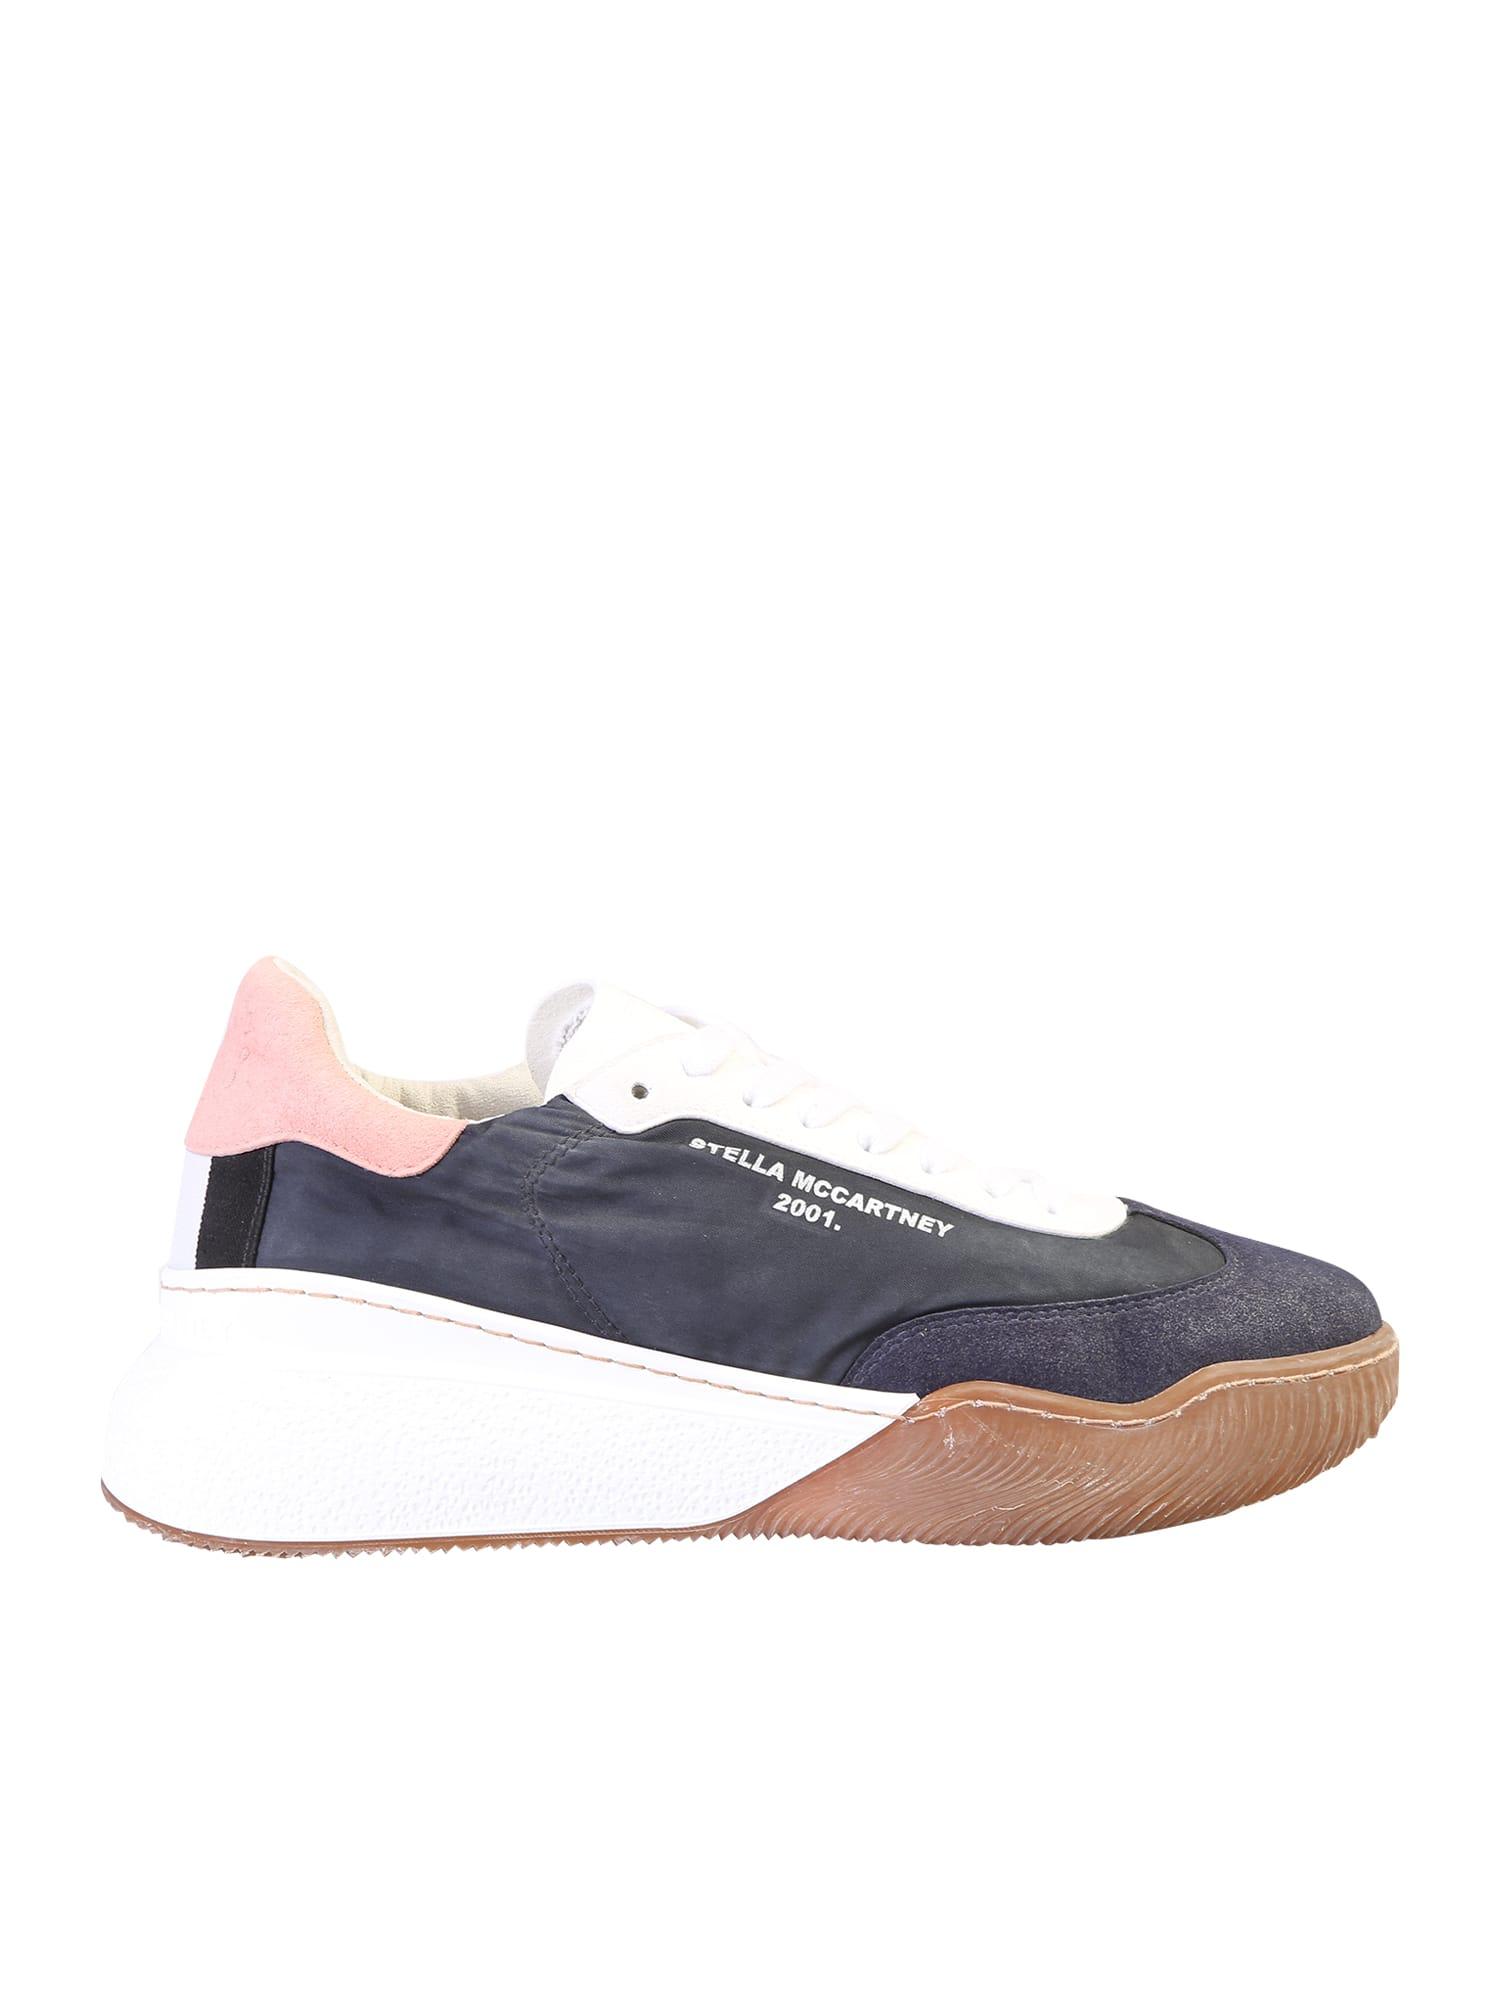 Stella McCartney Branded Sneakers